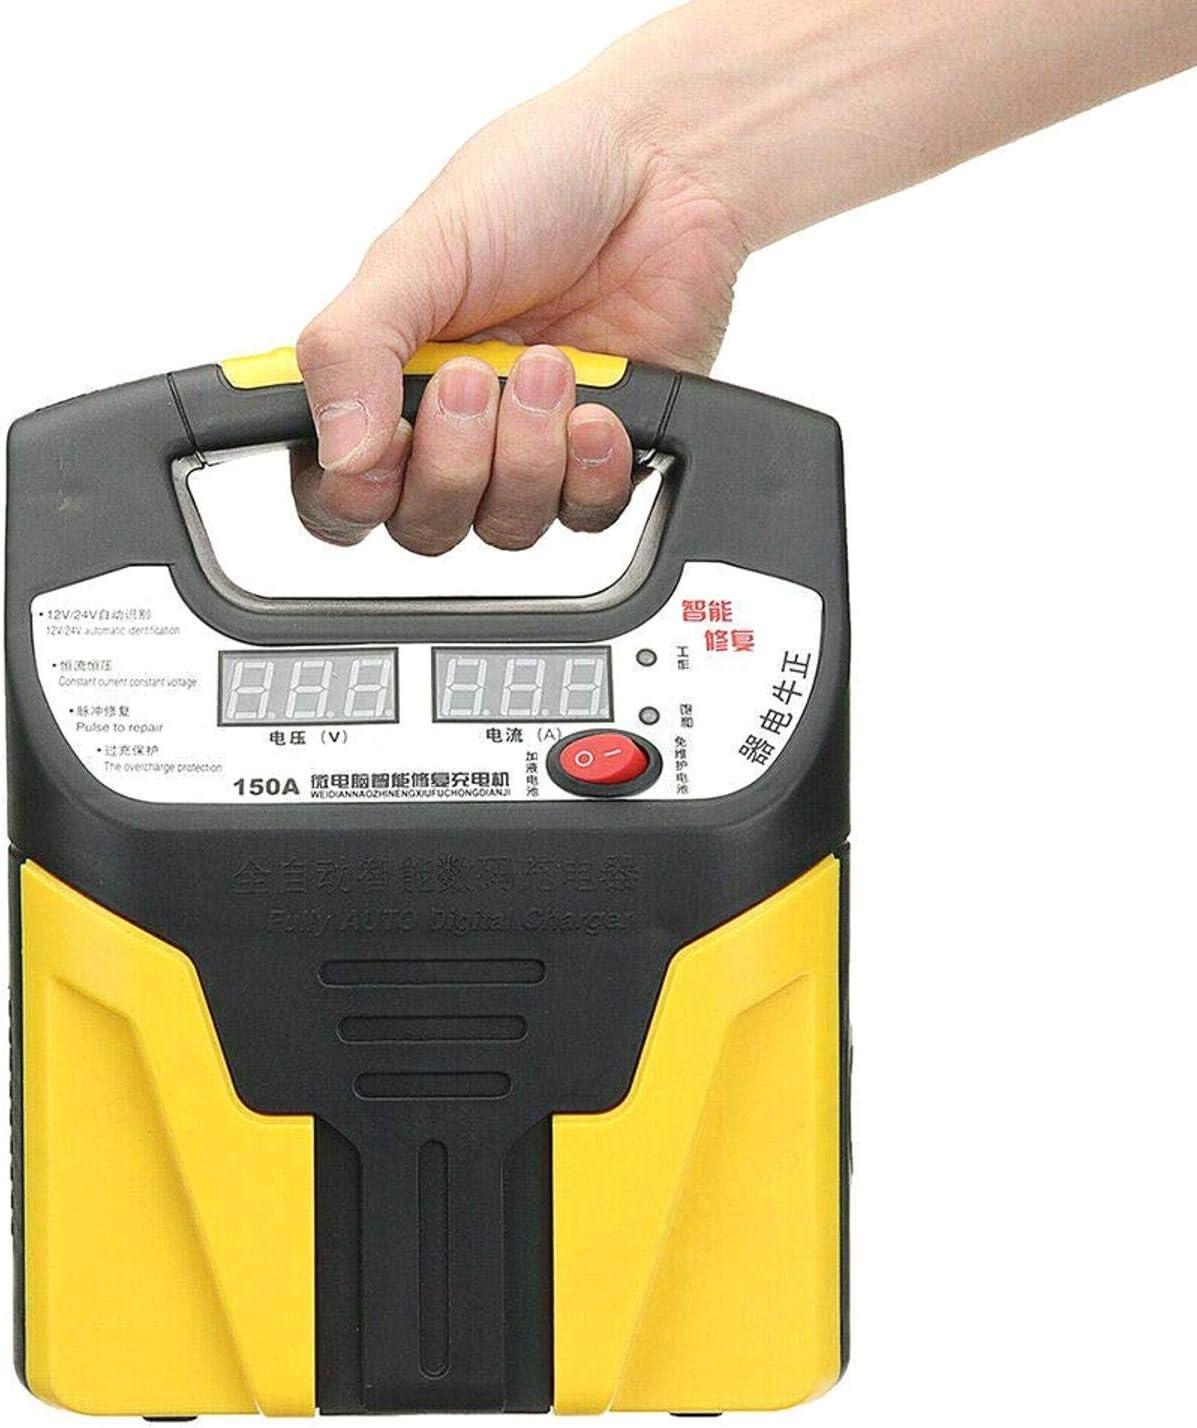 Zeen La batería del Coche Cargador de Emergencia de Protección Booster Auto Jump Cargador de Arranque Booster 12V / 24V